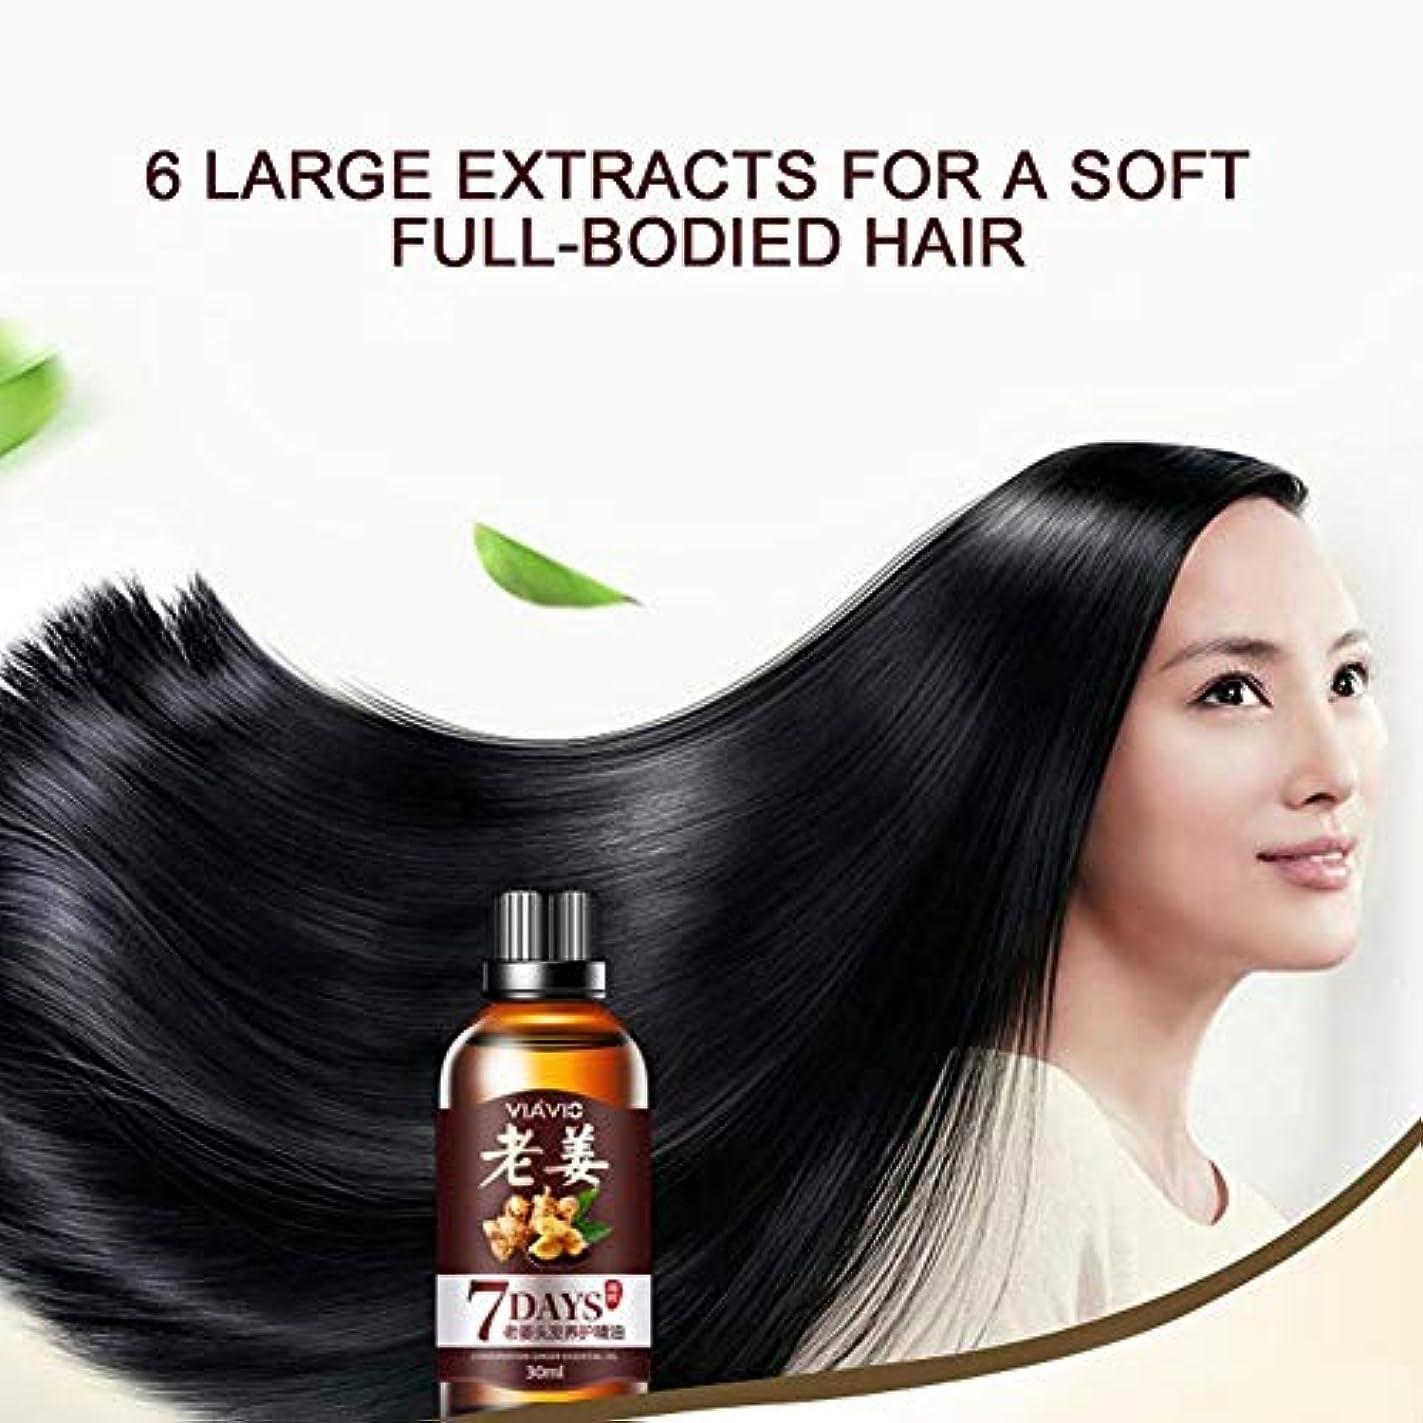 振り向く脆い首相BETTER YOU (ベター ュー) 育毛剤 抜け毛防止する 髪の量と密度を増やす